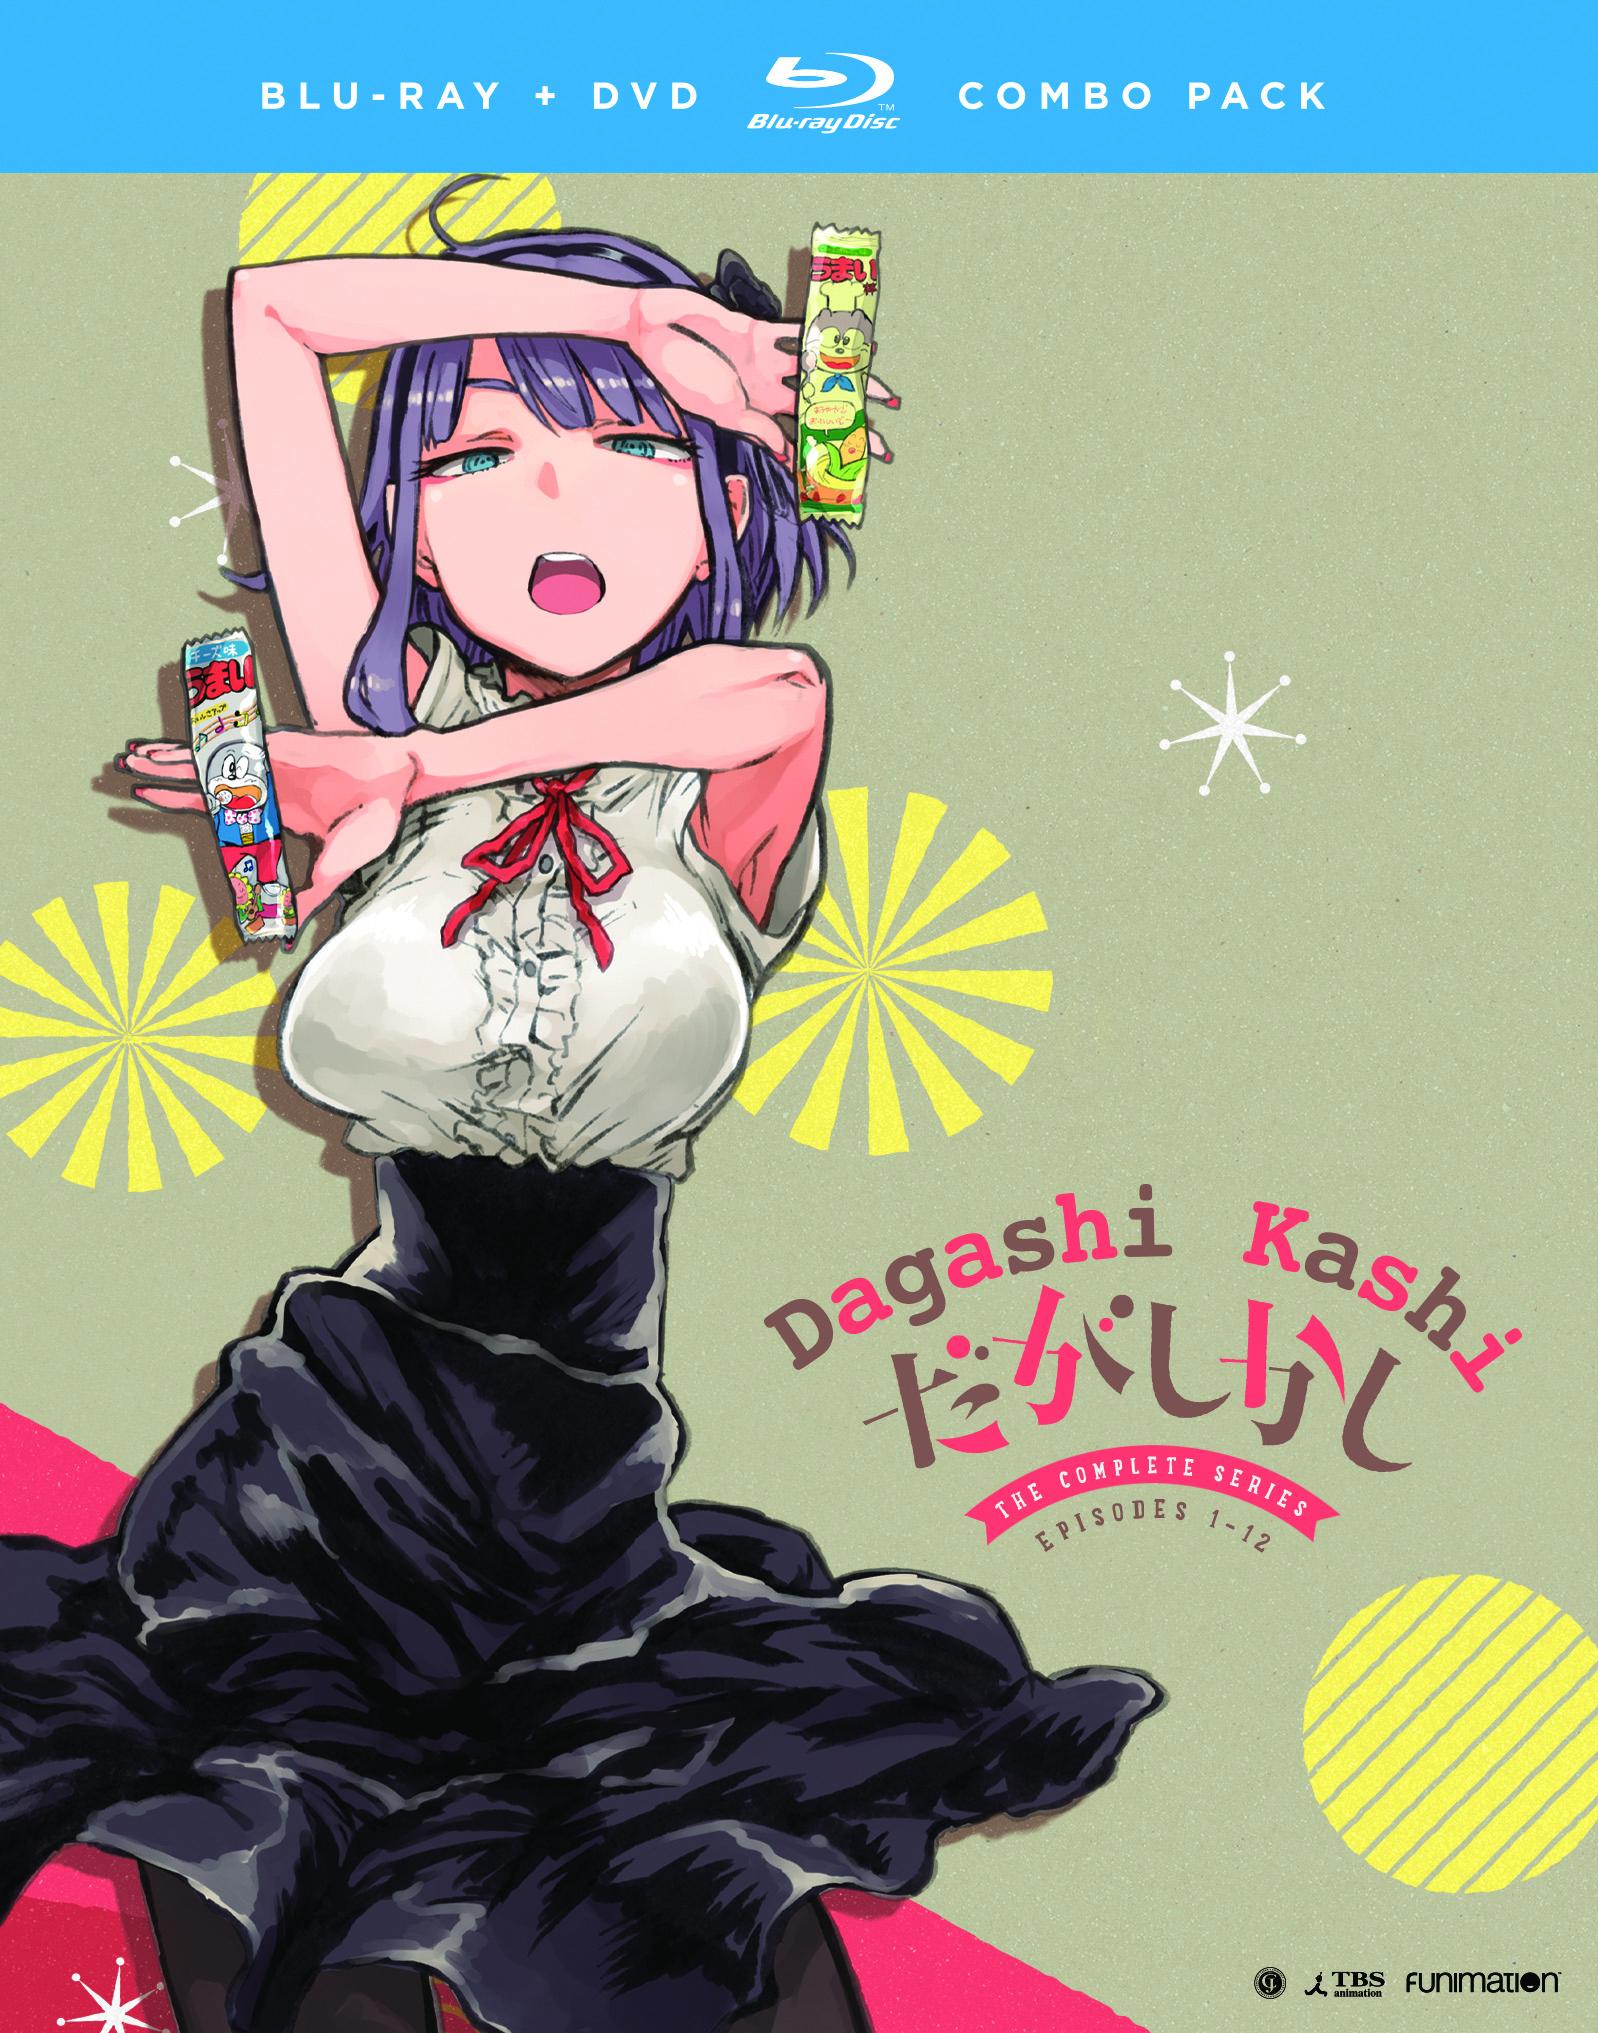 Dagashi Kashi Blu-ray/DVD 704400046902